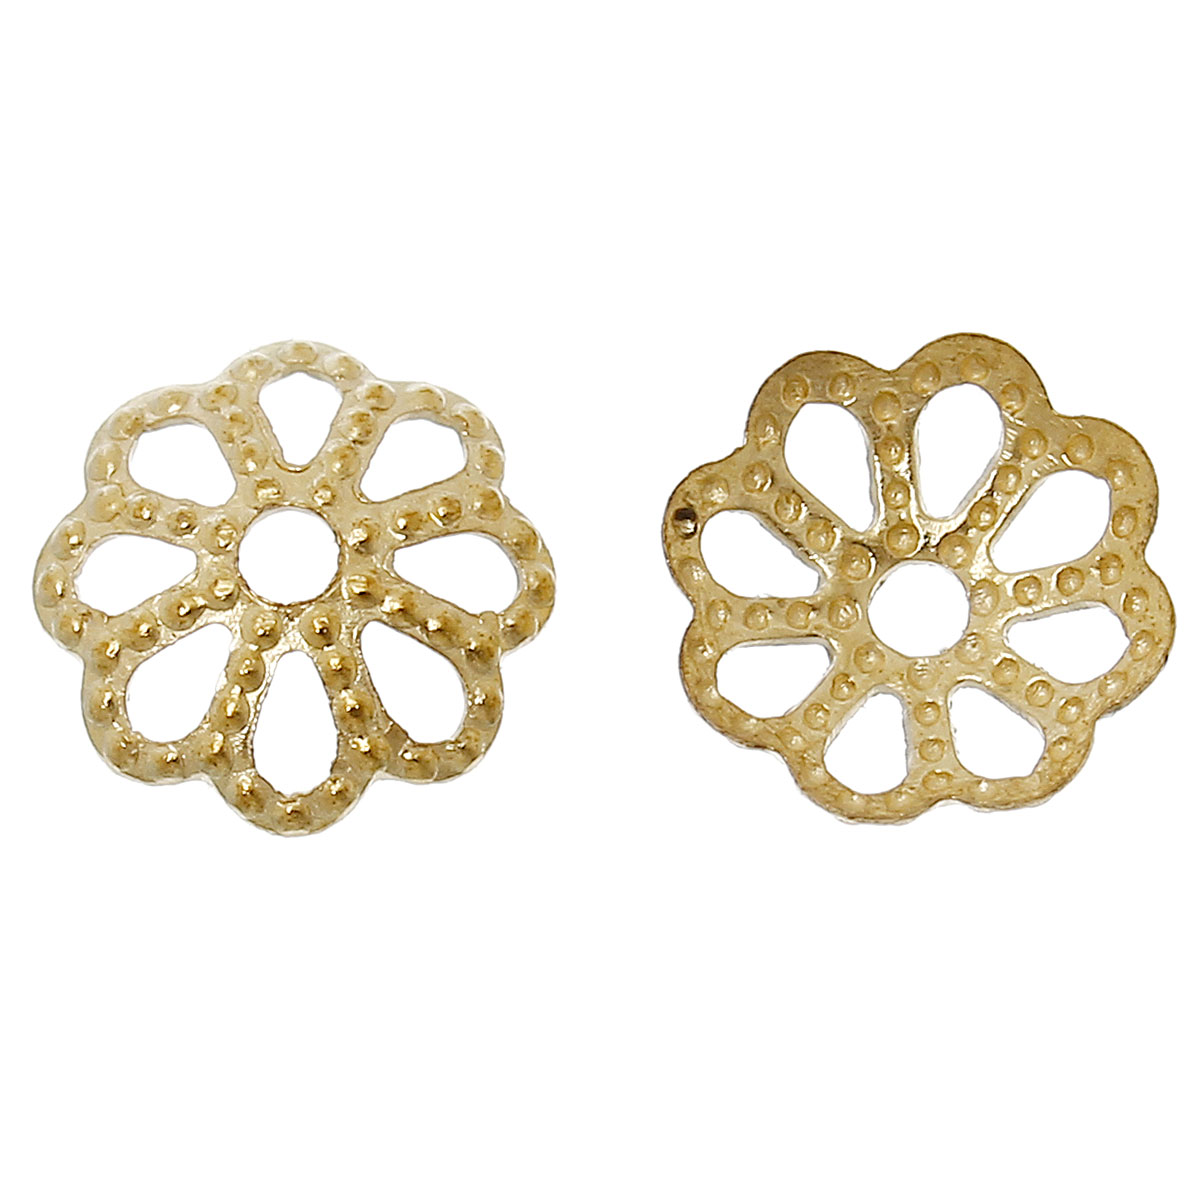 DoreenBeads латунные бусины шапки цветок Латунь Тон (подходит мм 8 мм бусины) 6 мм (2/8 «) x 6 мм (2/8»), 44 шт. Новинка 2017 года